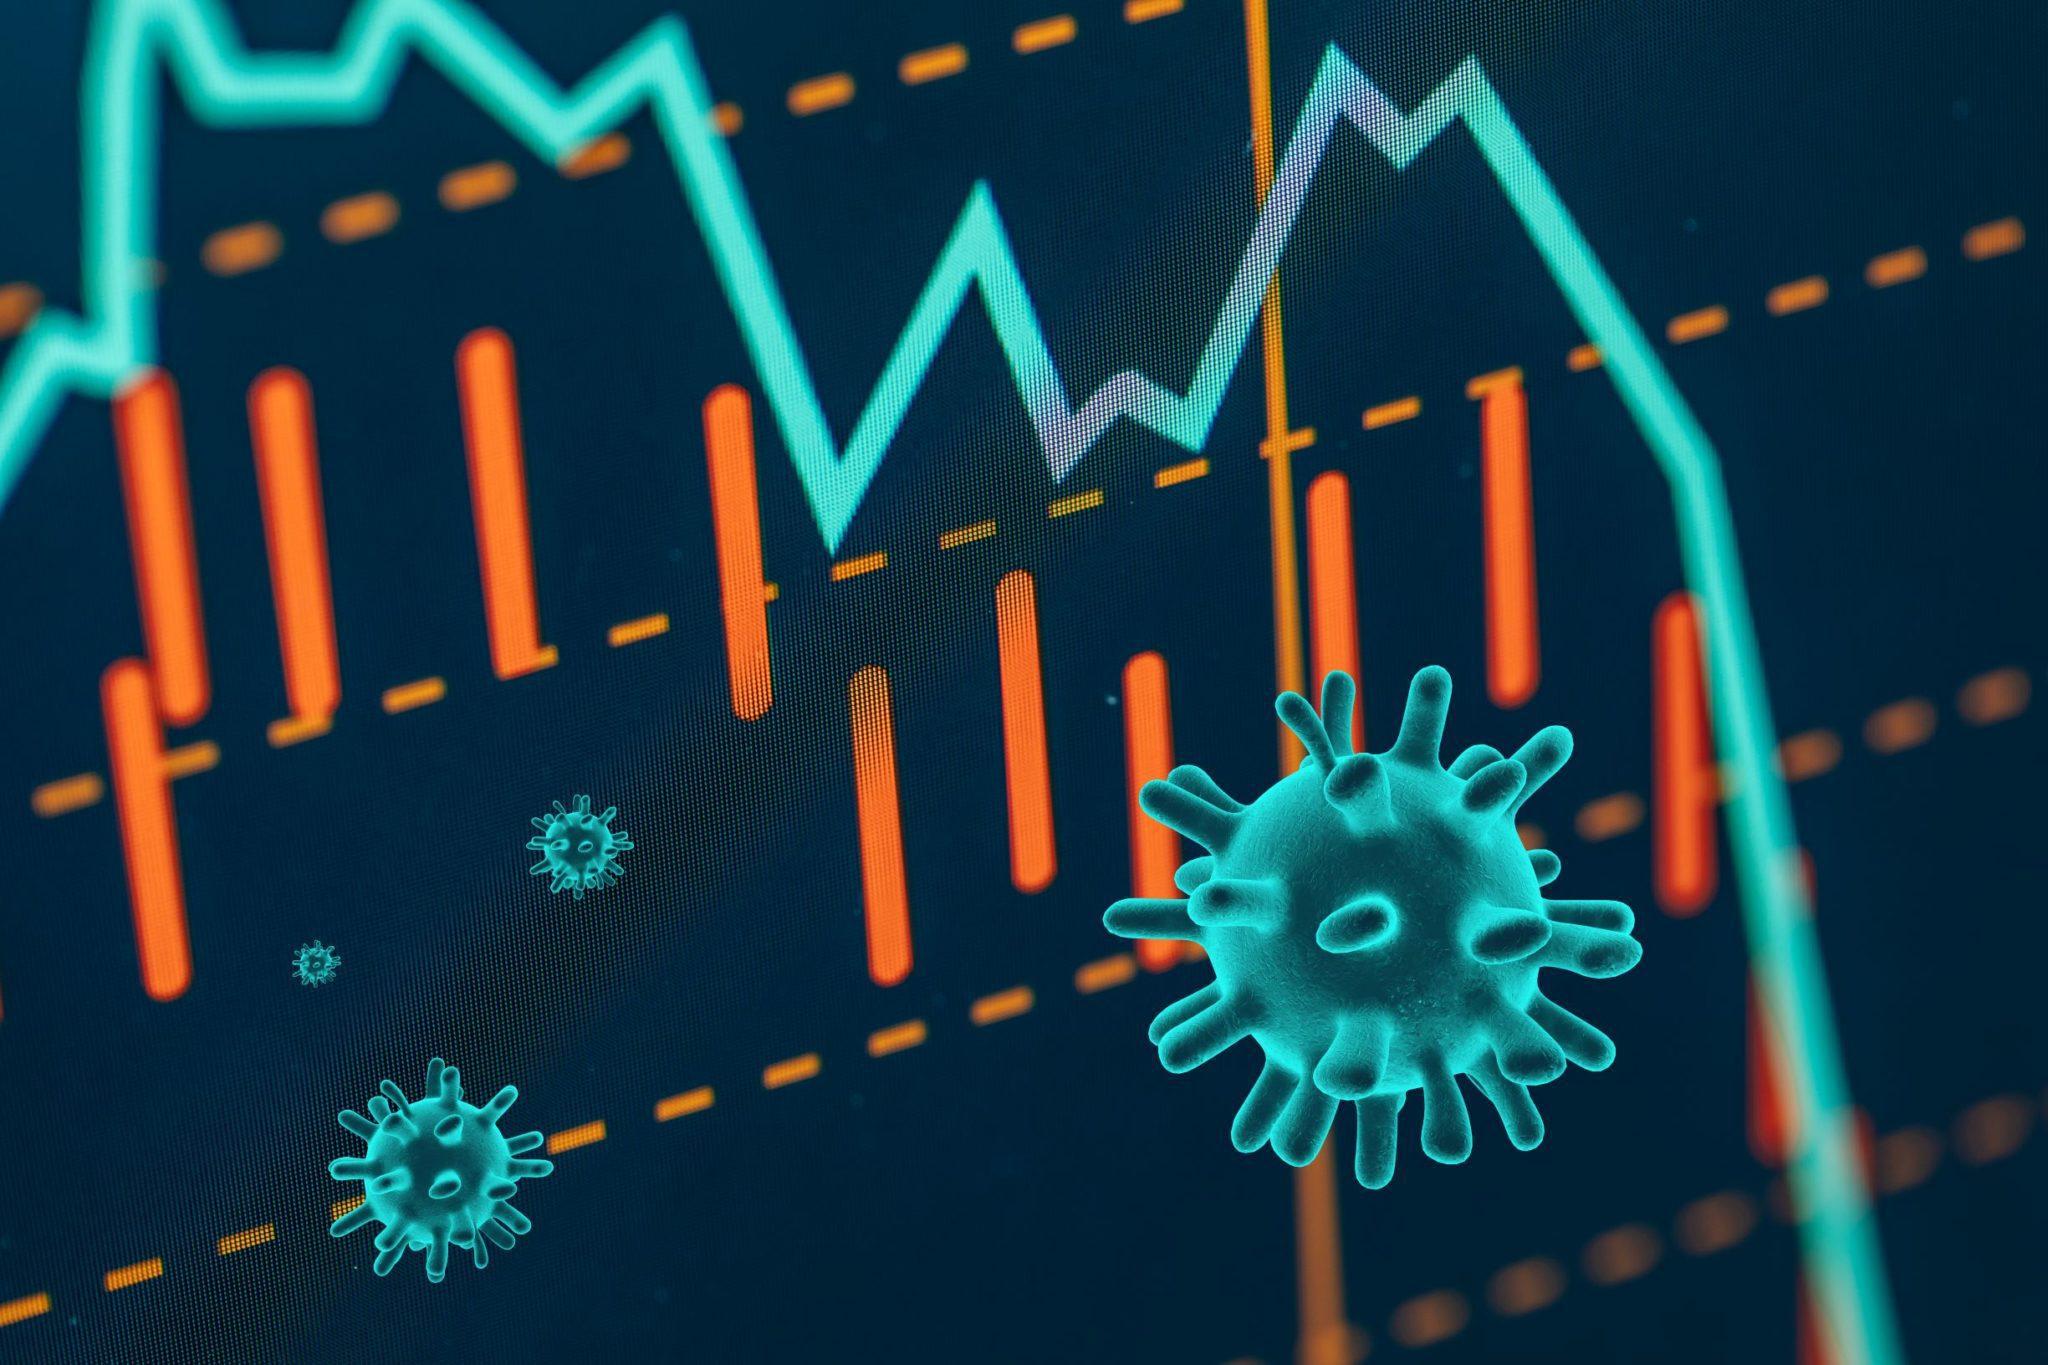 coronavírus ações bolsa